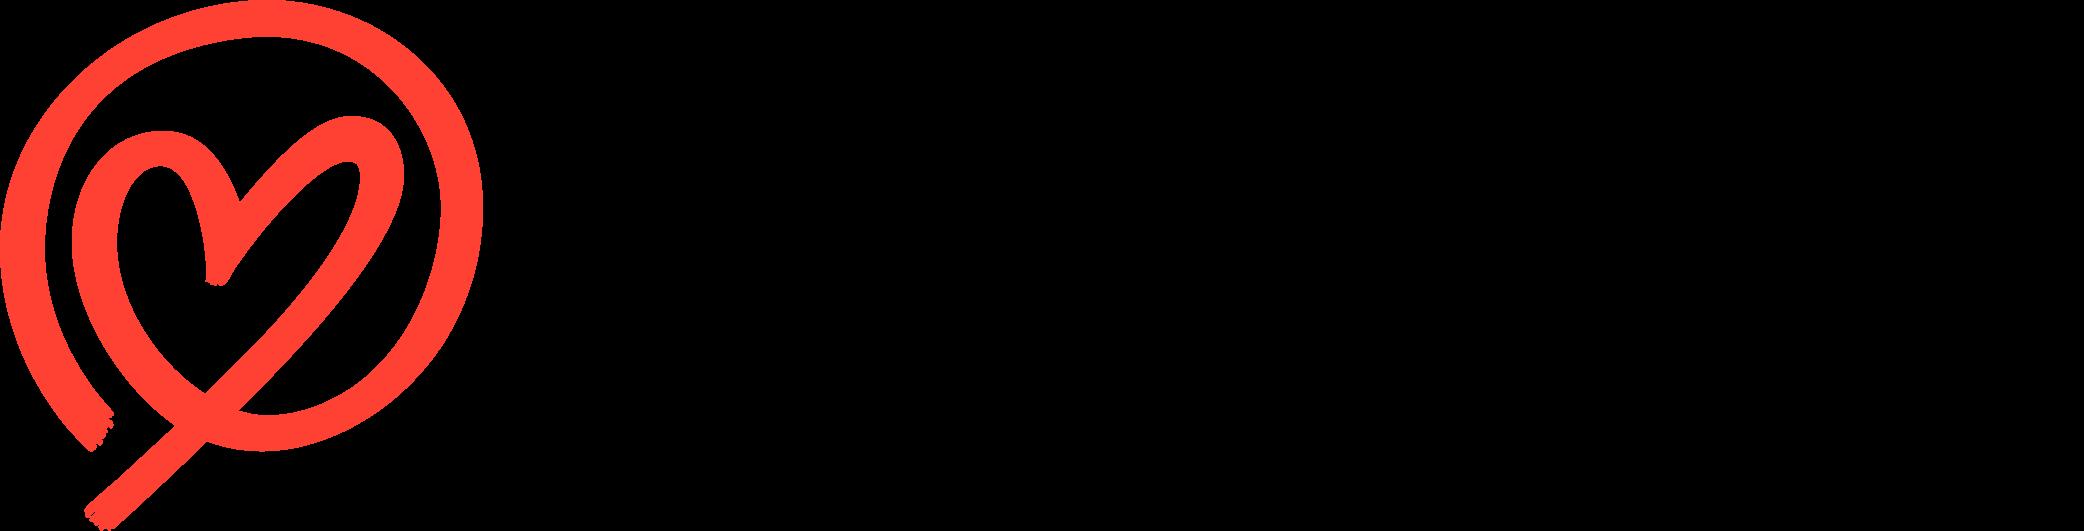 El logotipo de The Drop